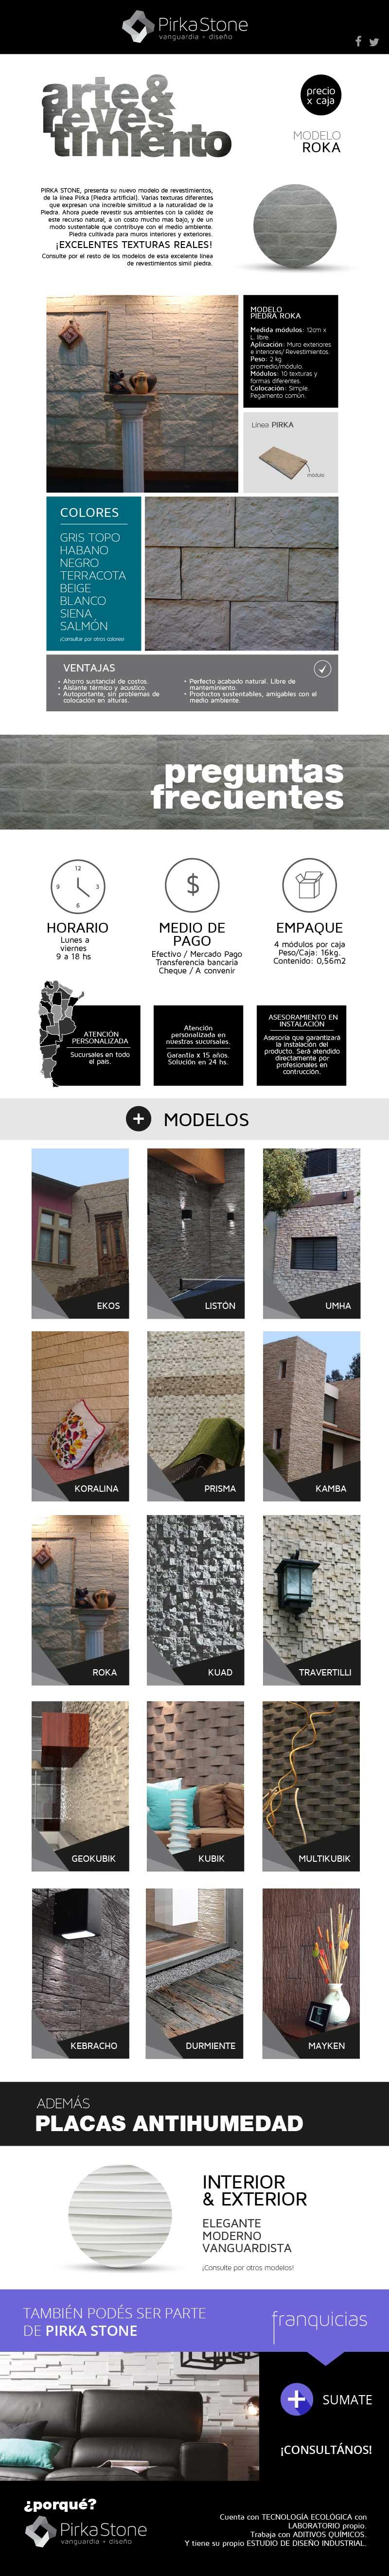 Revestimientos piedra roca soluci n para la humedad - Tipos de revestimientos exteriores ...